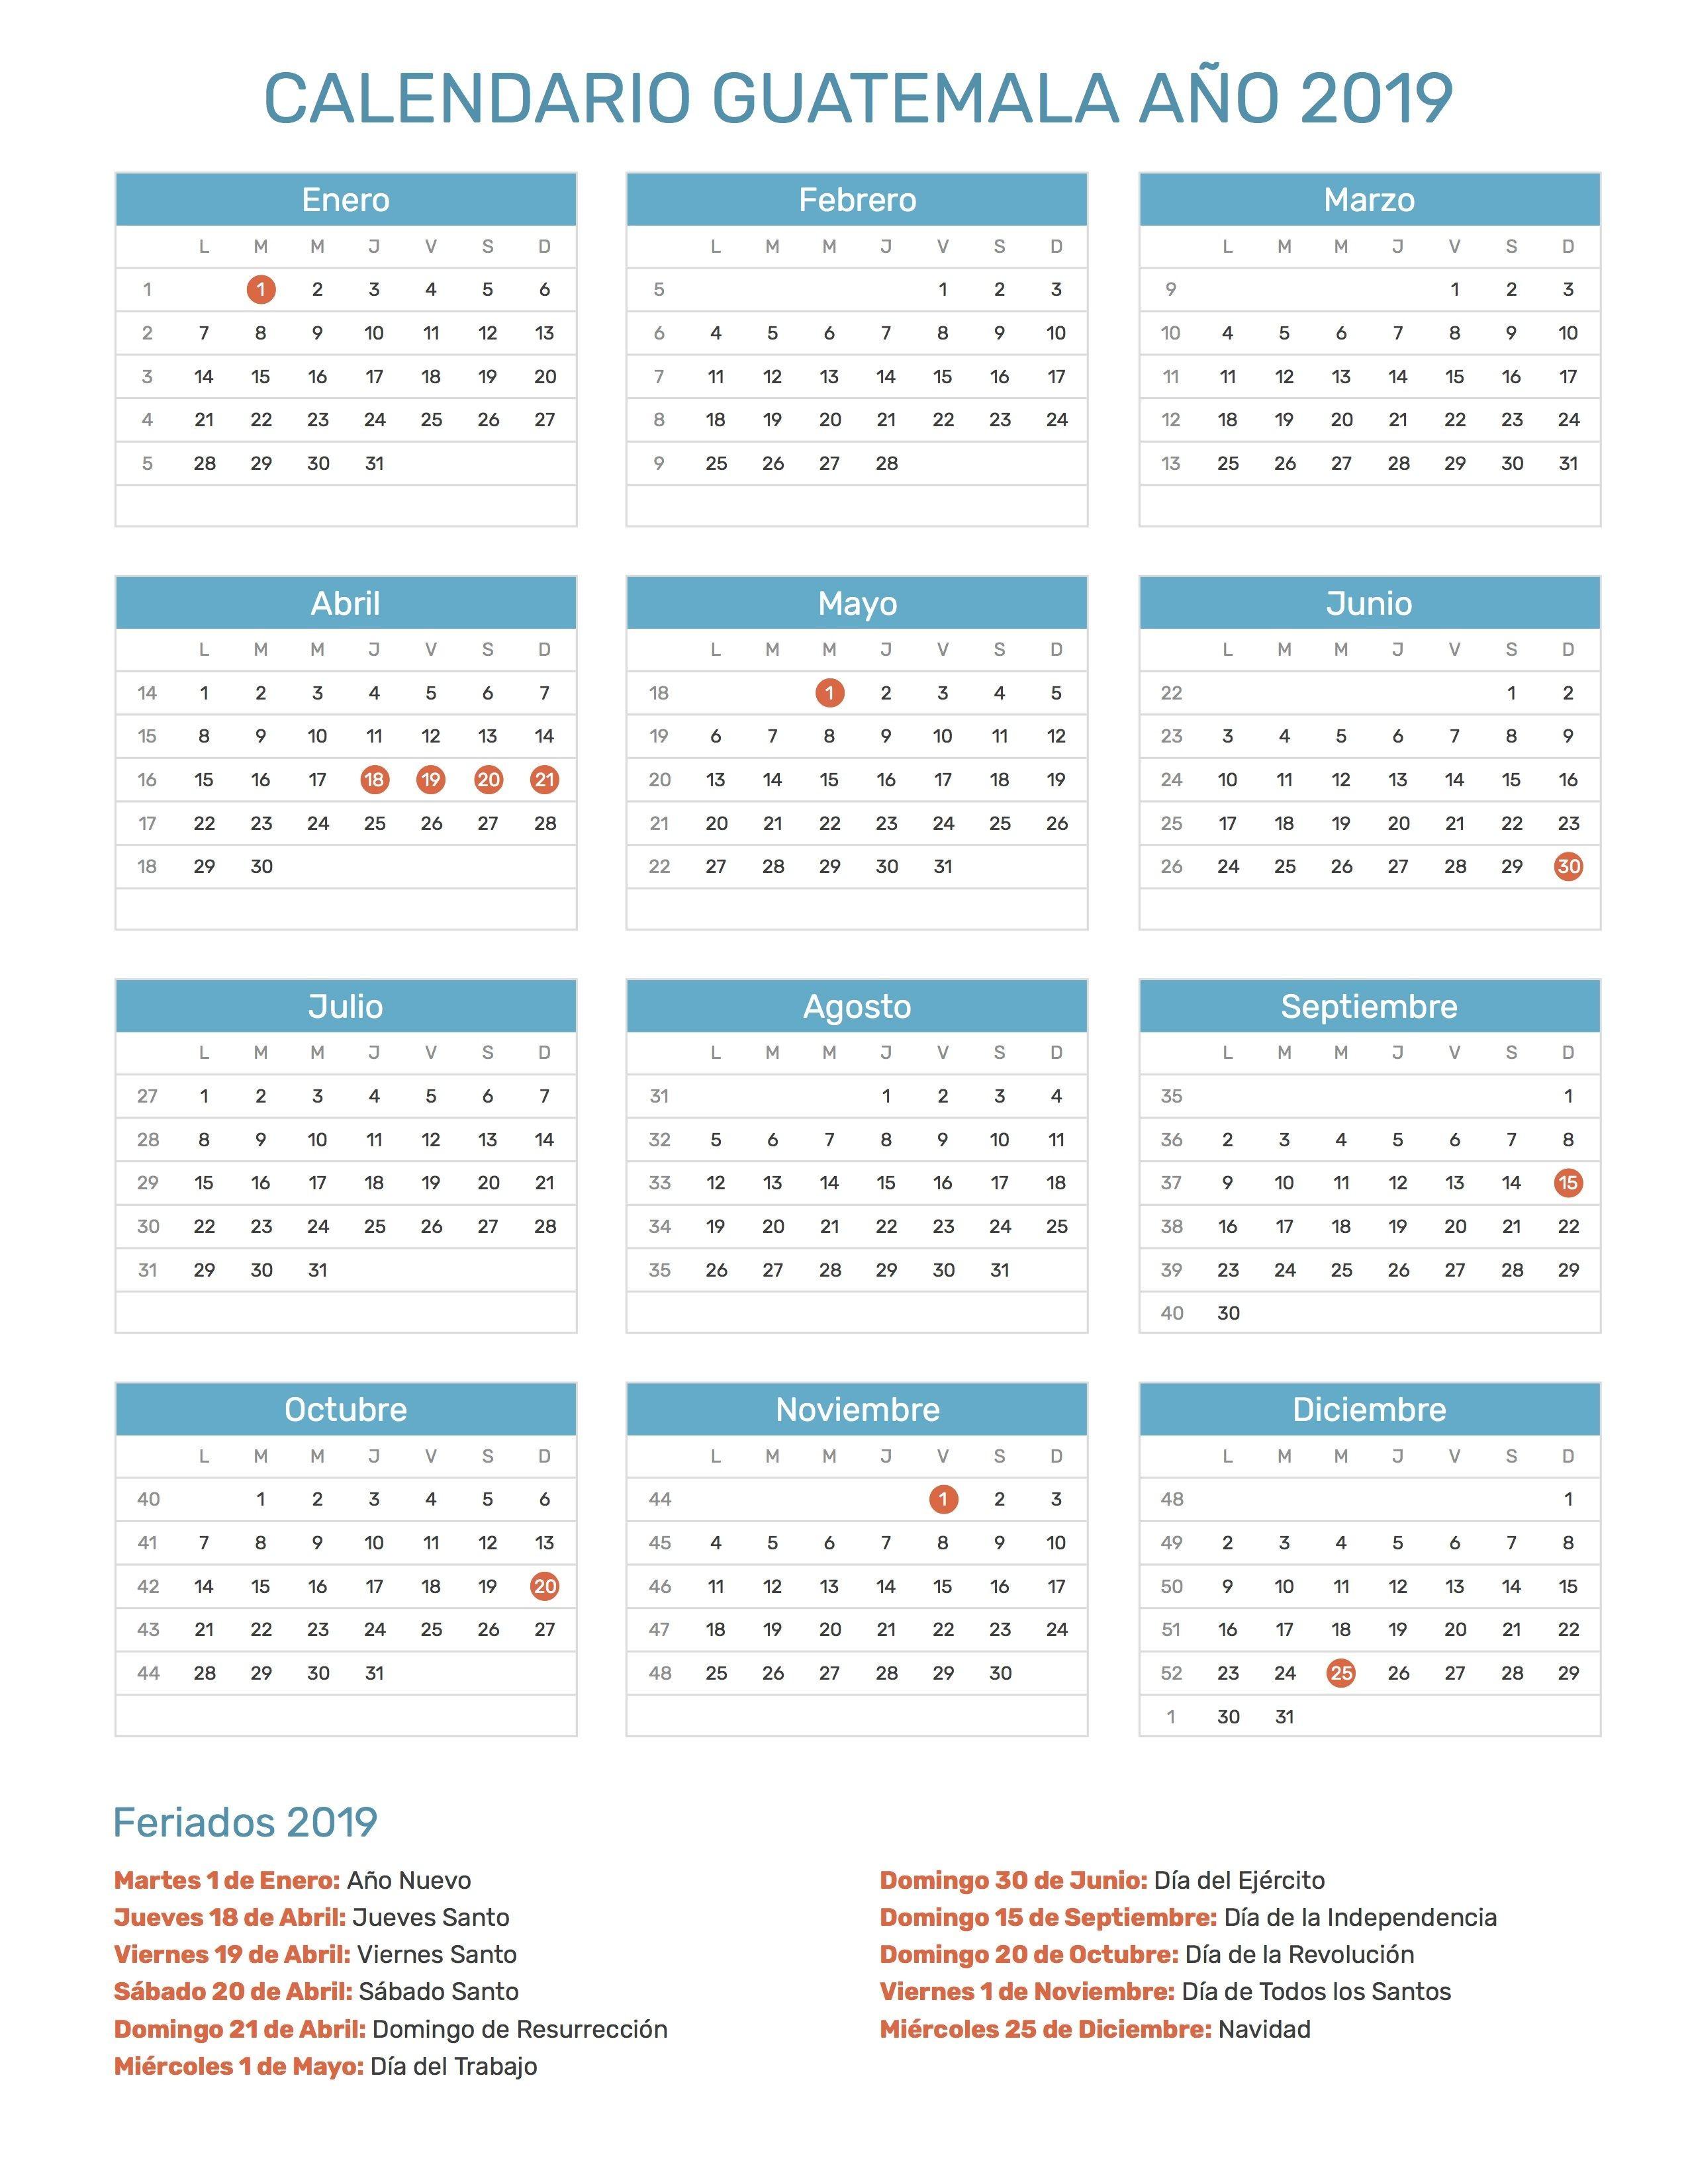 Calendario 2019 Chile Imprimir Con Feriados Más Populares Pin De Calendario Hispano En Calendario Con Feriados A±o 2019 Of Calendario 2019 Chile Imprimir Con Feriados Más Populares 2019 2018 Calendar Printable with Holidays List Kalender Kalendar